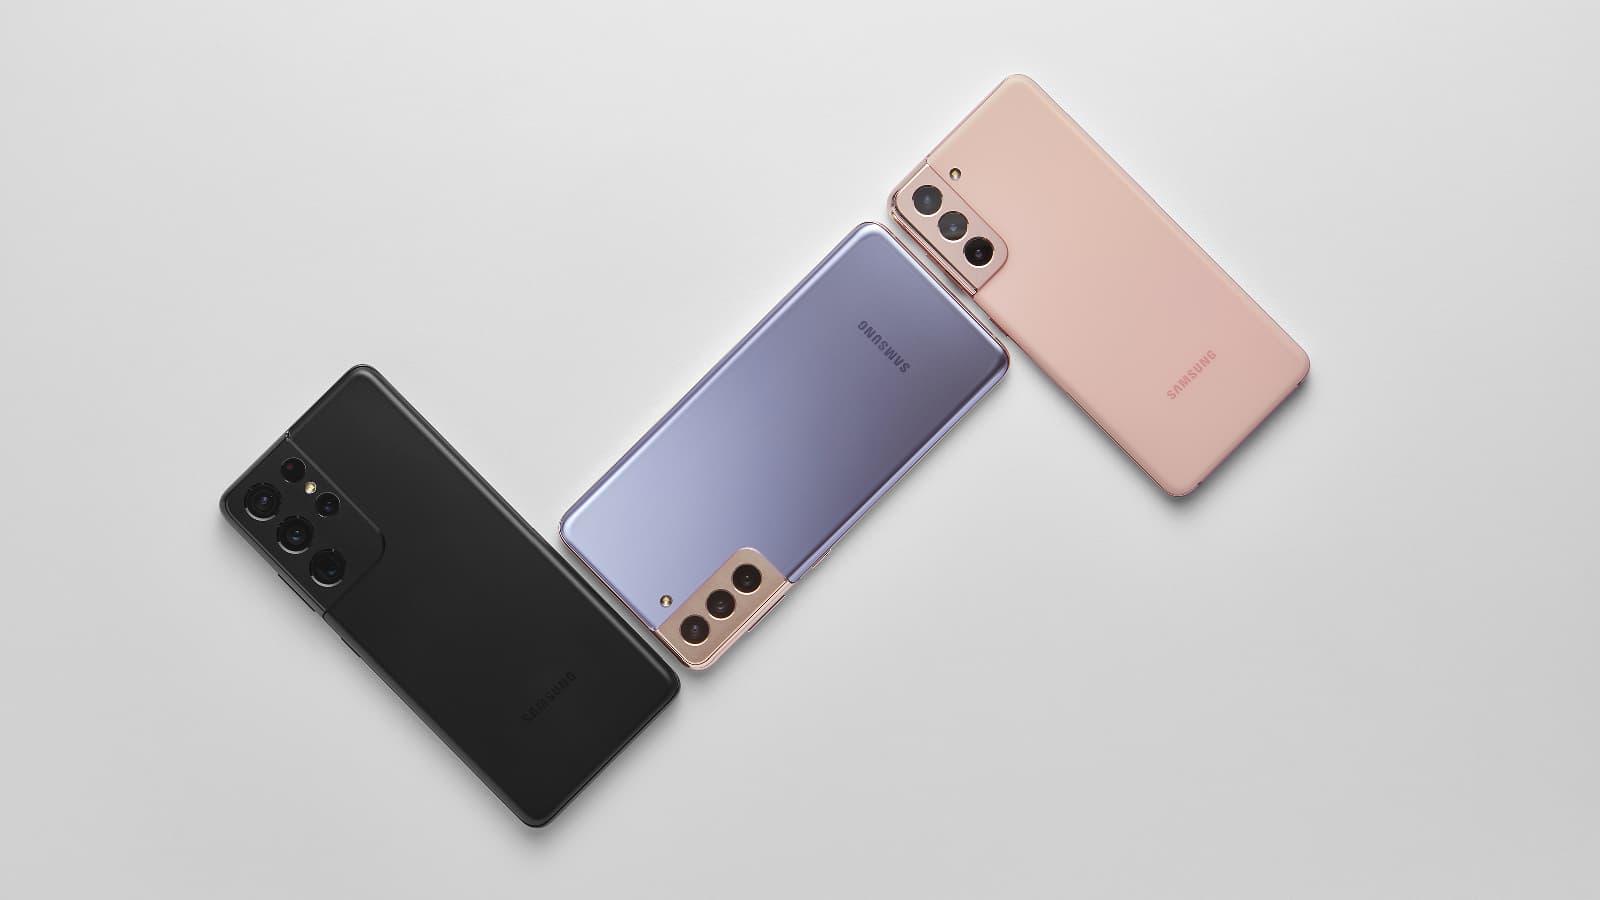 L'épatant Samsung Galaxy S21 est disponible chez SFR